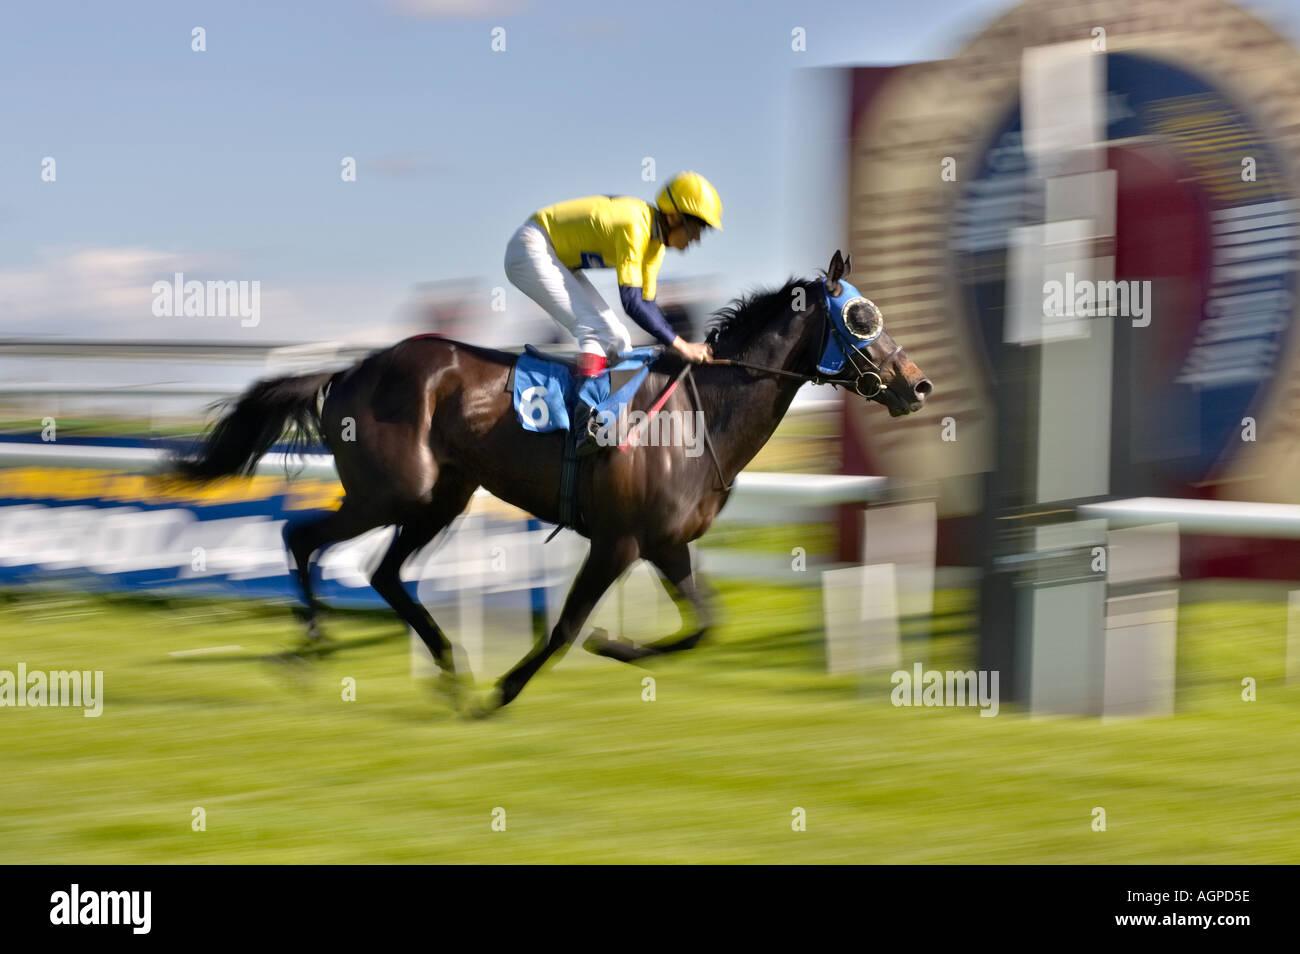 Ganar una carrera - carreras de caballos en el acabado / post ganadora Imagen De Stock